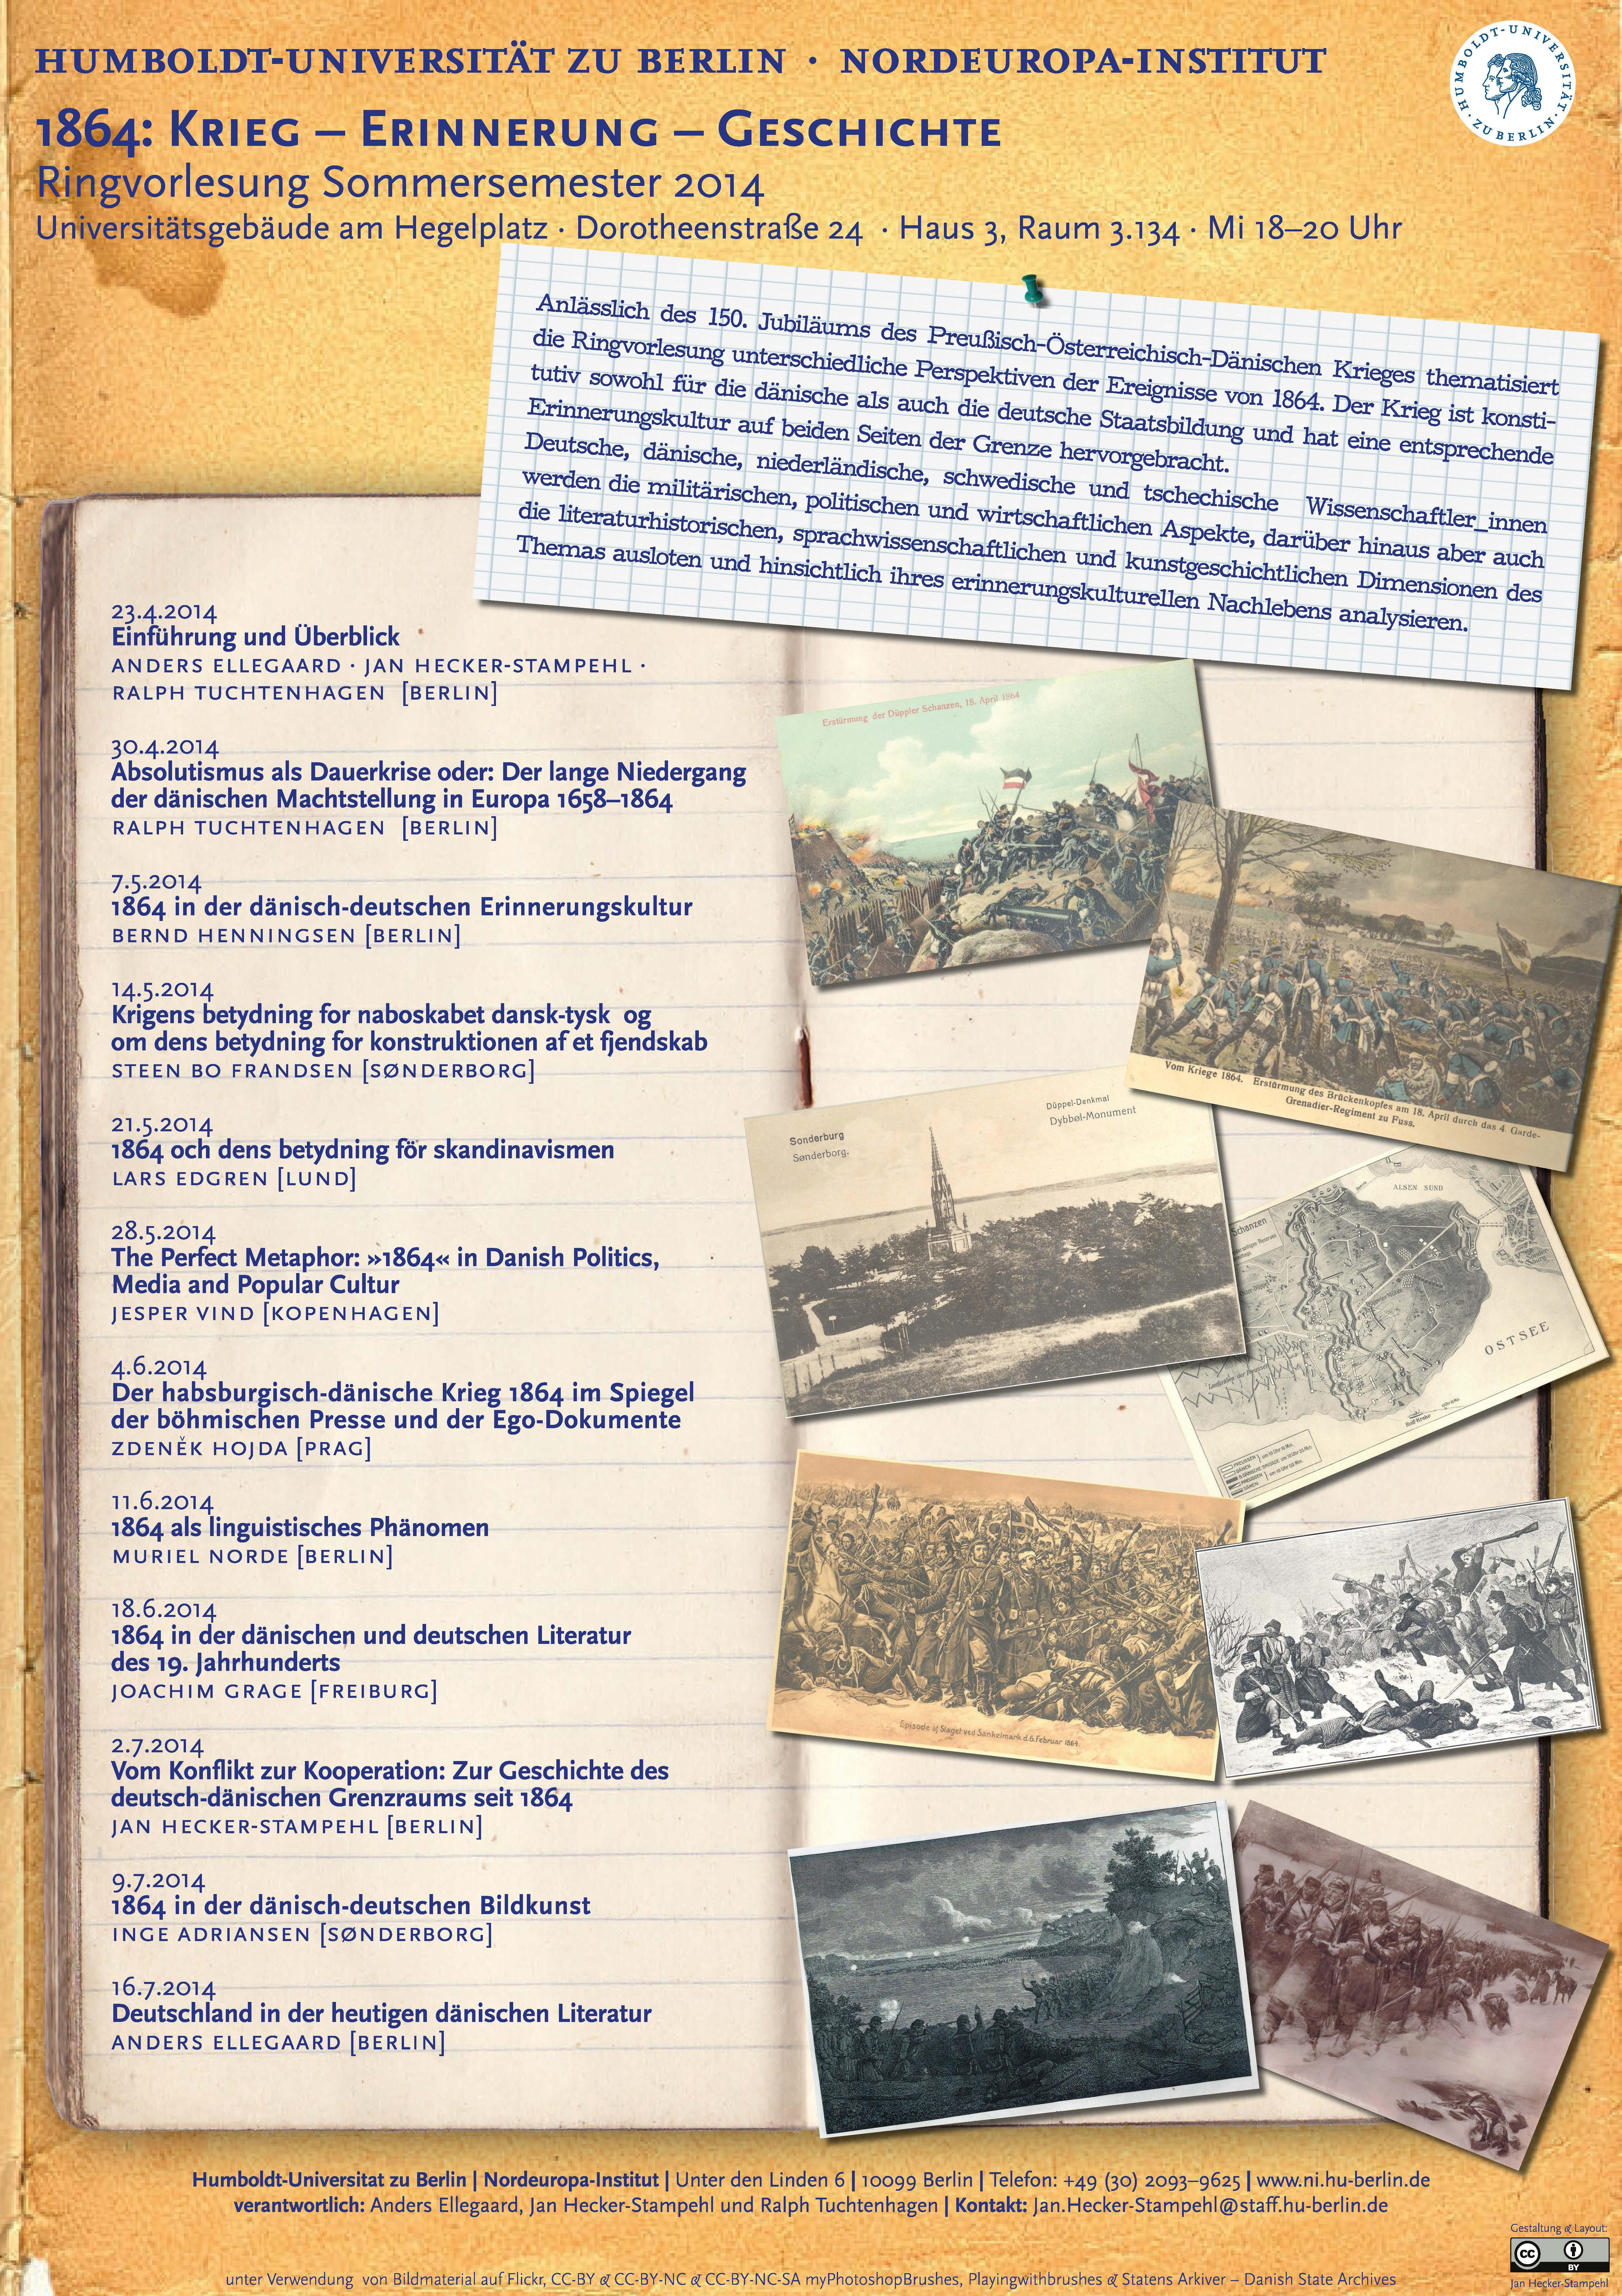 Ringvorlesung 1864 – Krieg, Erinnerung, Geschichte 2014